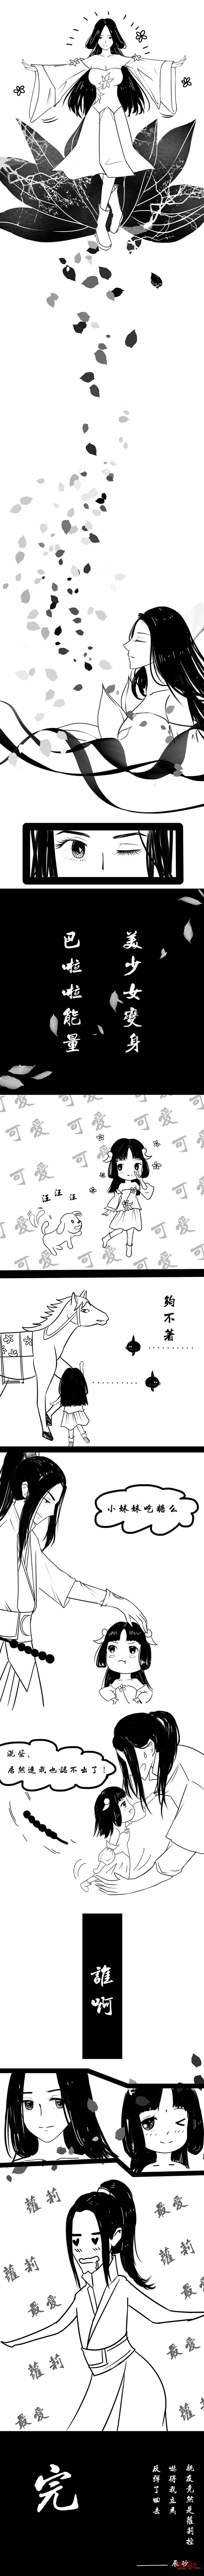 【江湖笔墨客】自从变萝莉后。。。